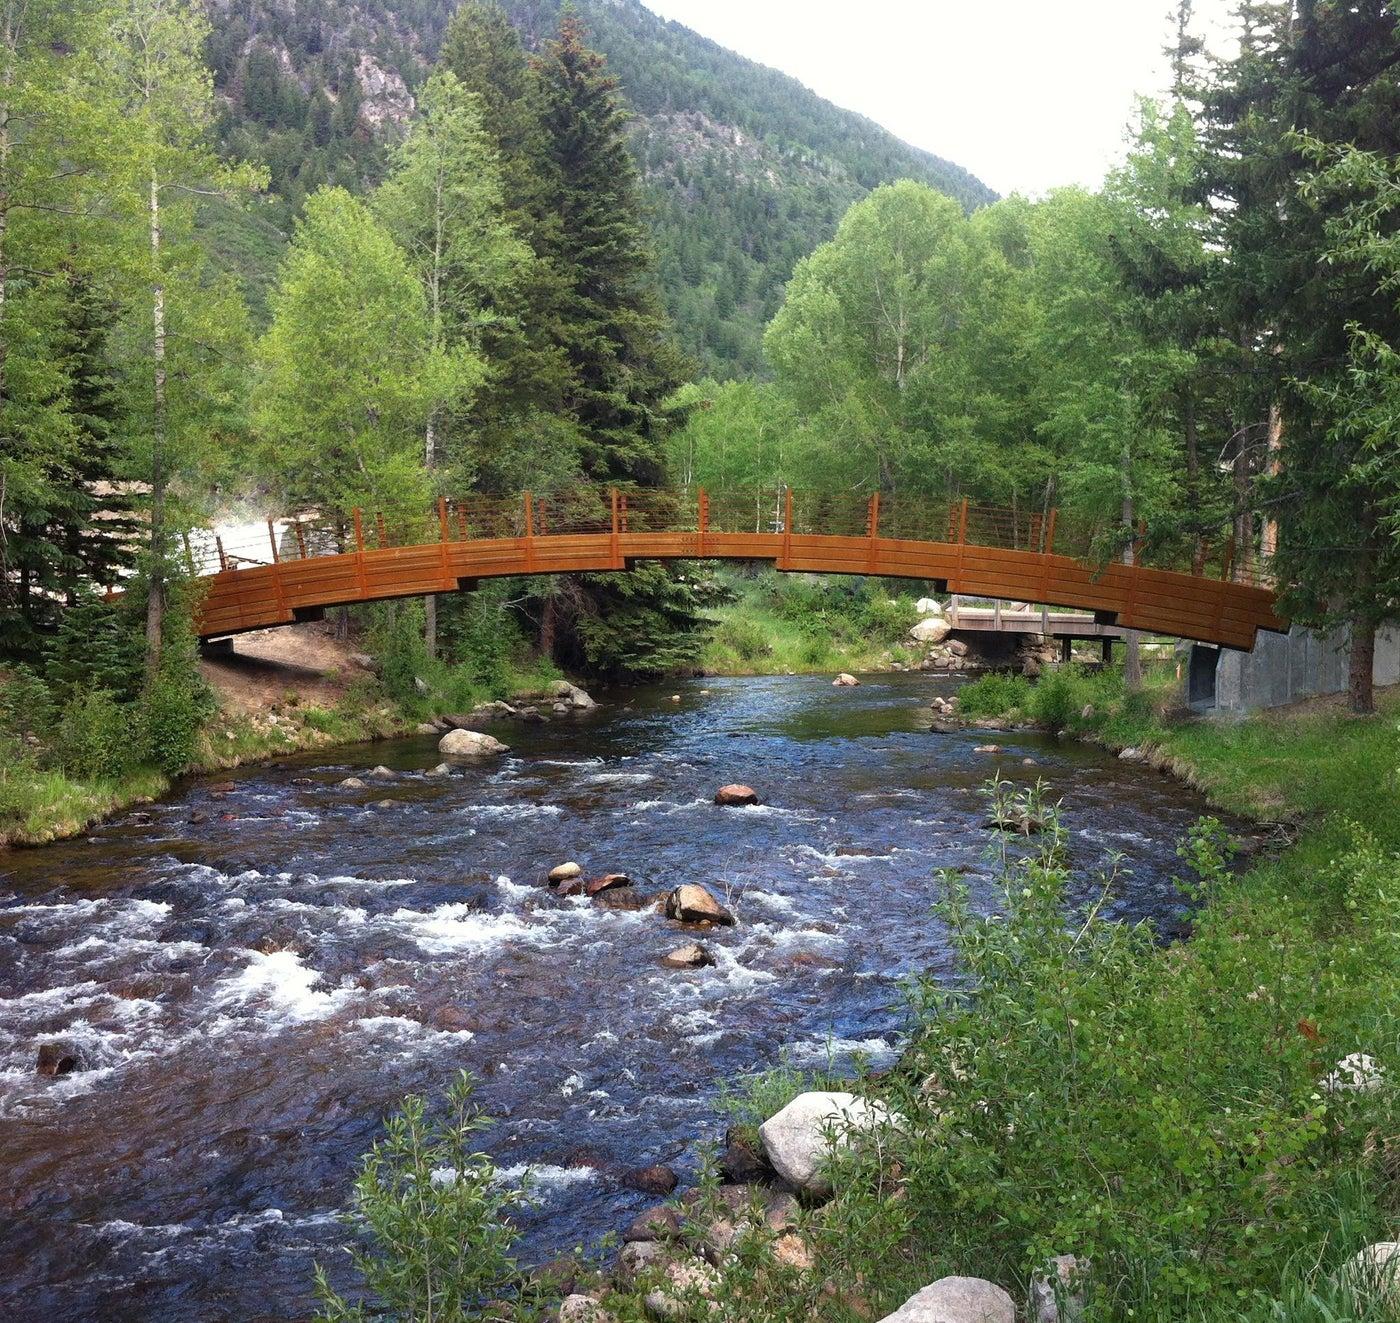 Residential Project, Aspen, CO - Work in Progress